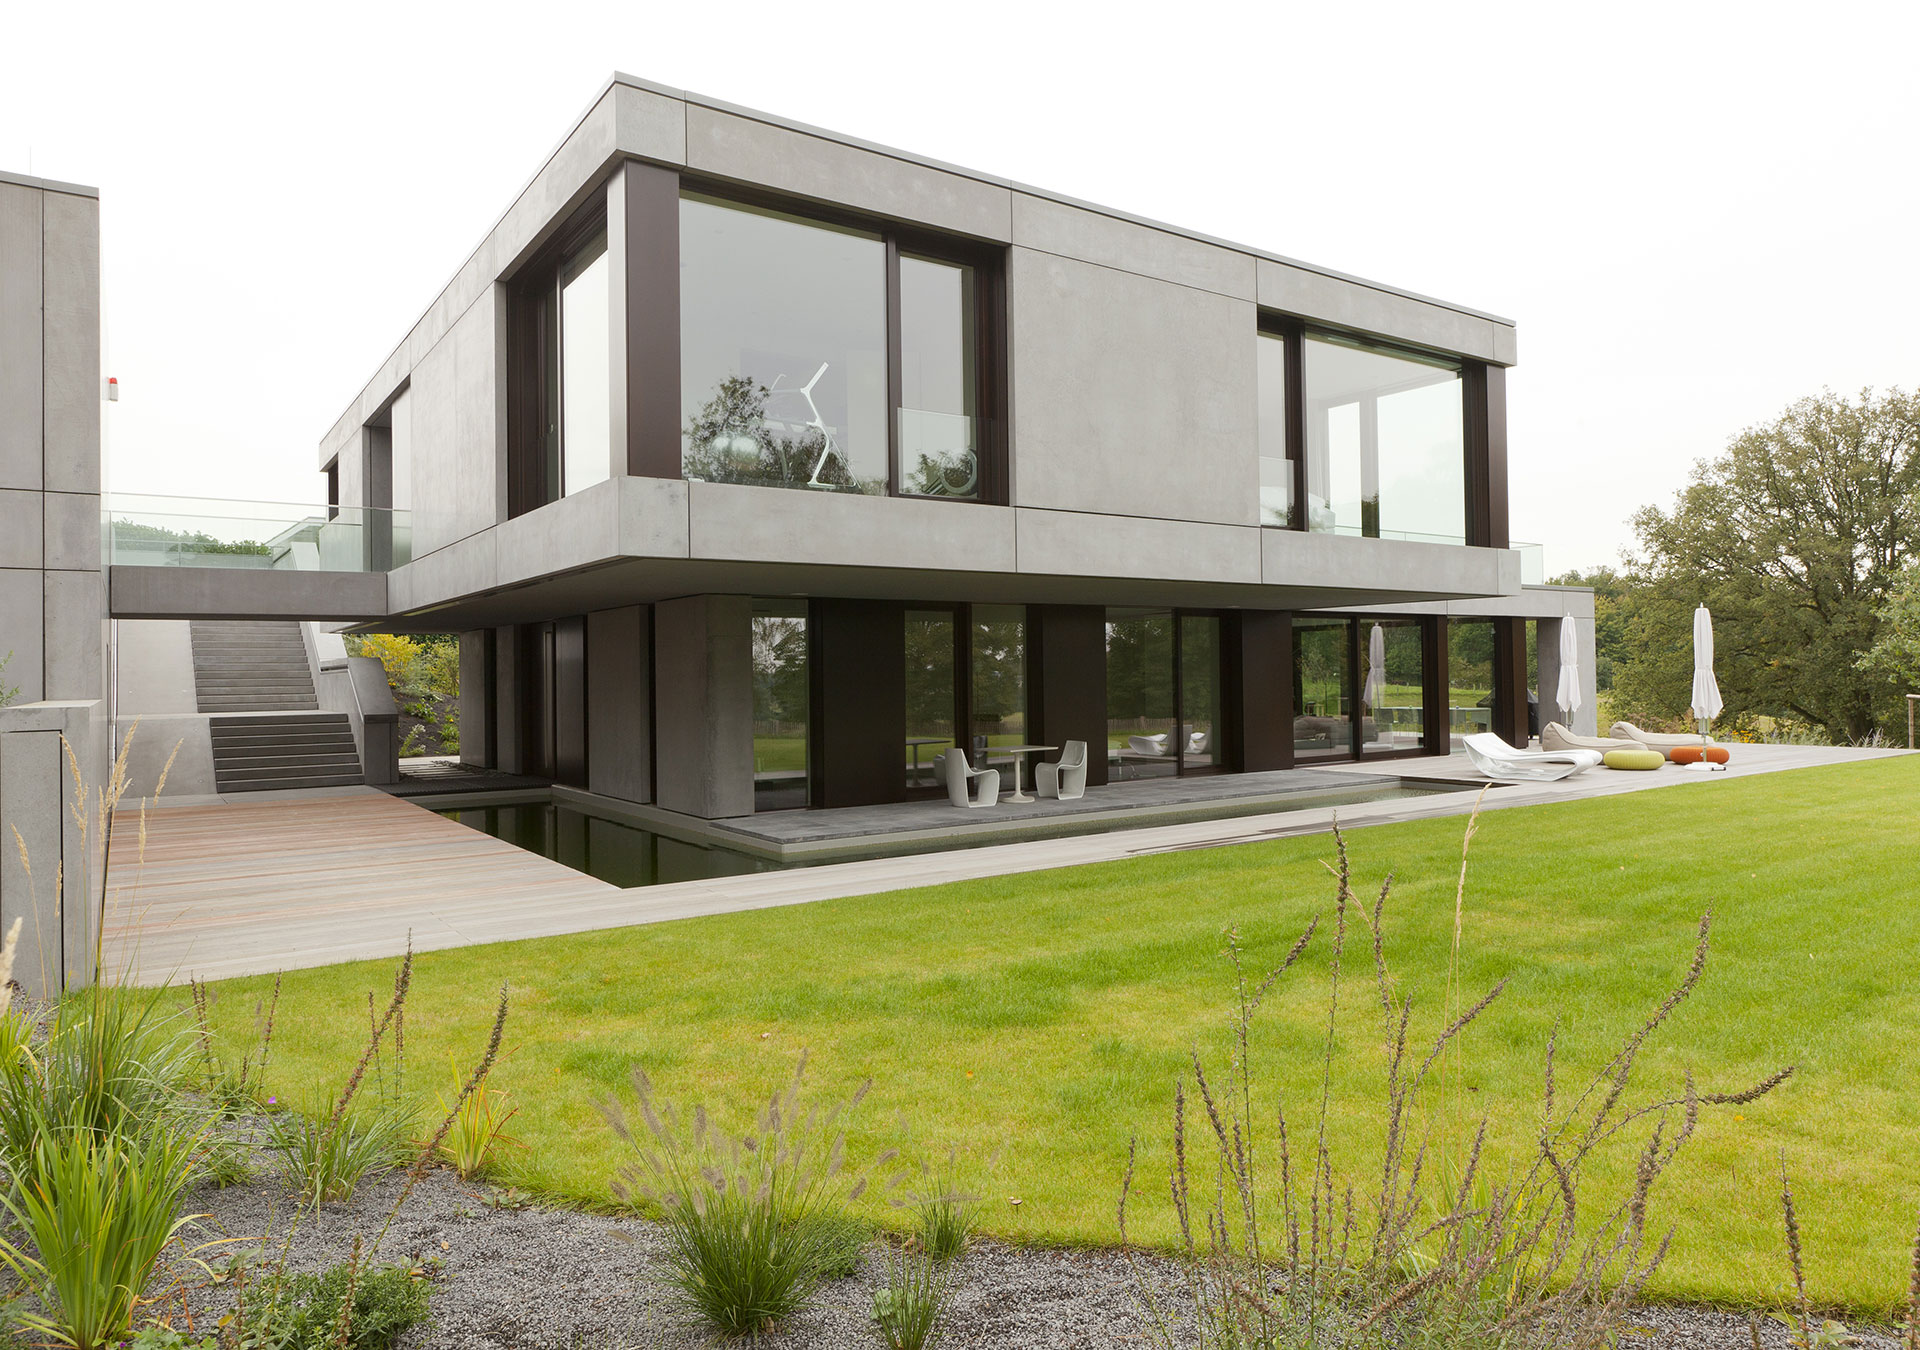 haus michelberger wrede architekten. Black Bedroom Furniture Sets. Home Design Ideas